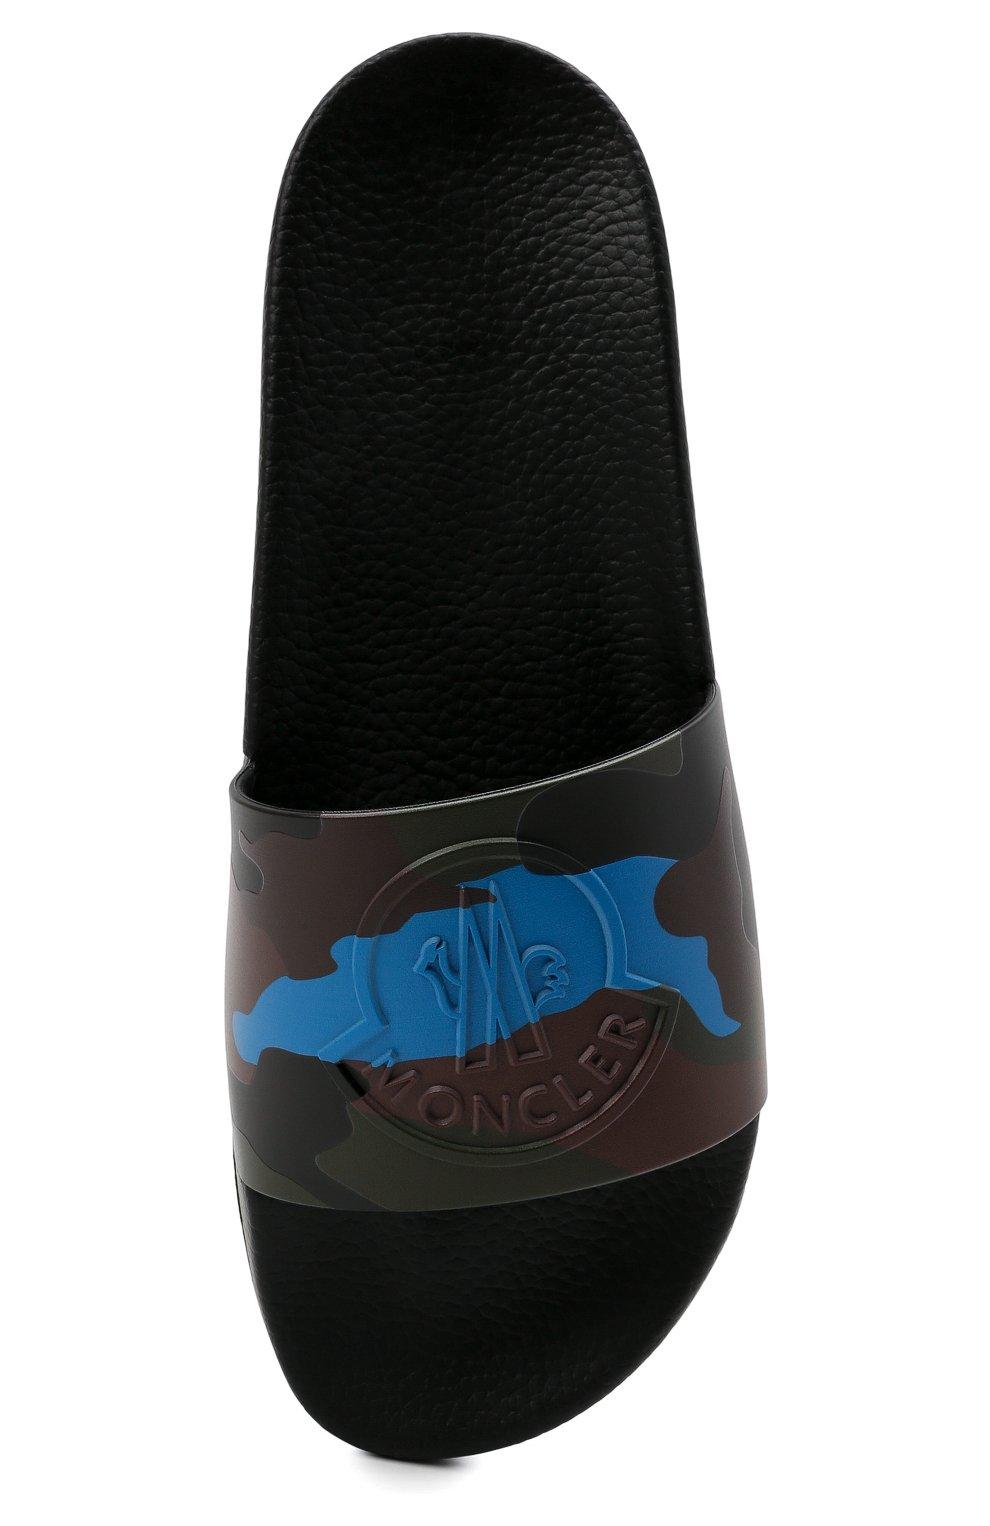 Мужские резиновые шлепанцы basile MONCLER разноцветного цвета, арт. G2-09A-4C700-40-02SYU | Фото 5 (Материал внешний: Резина)